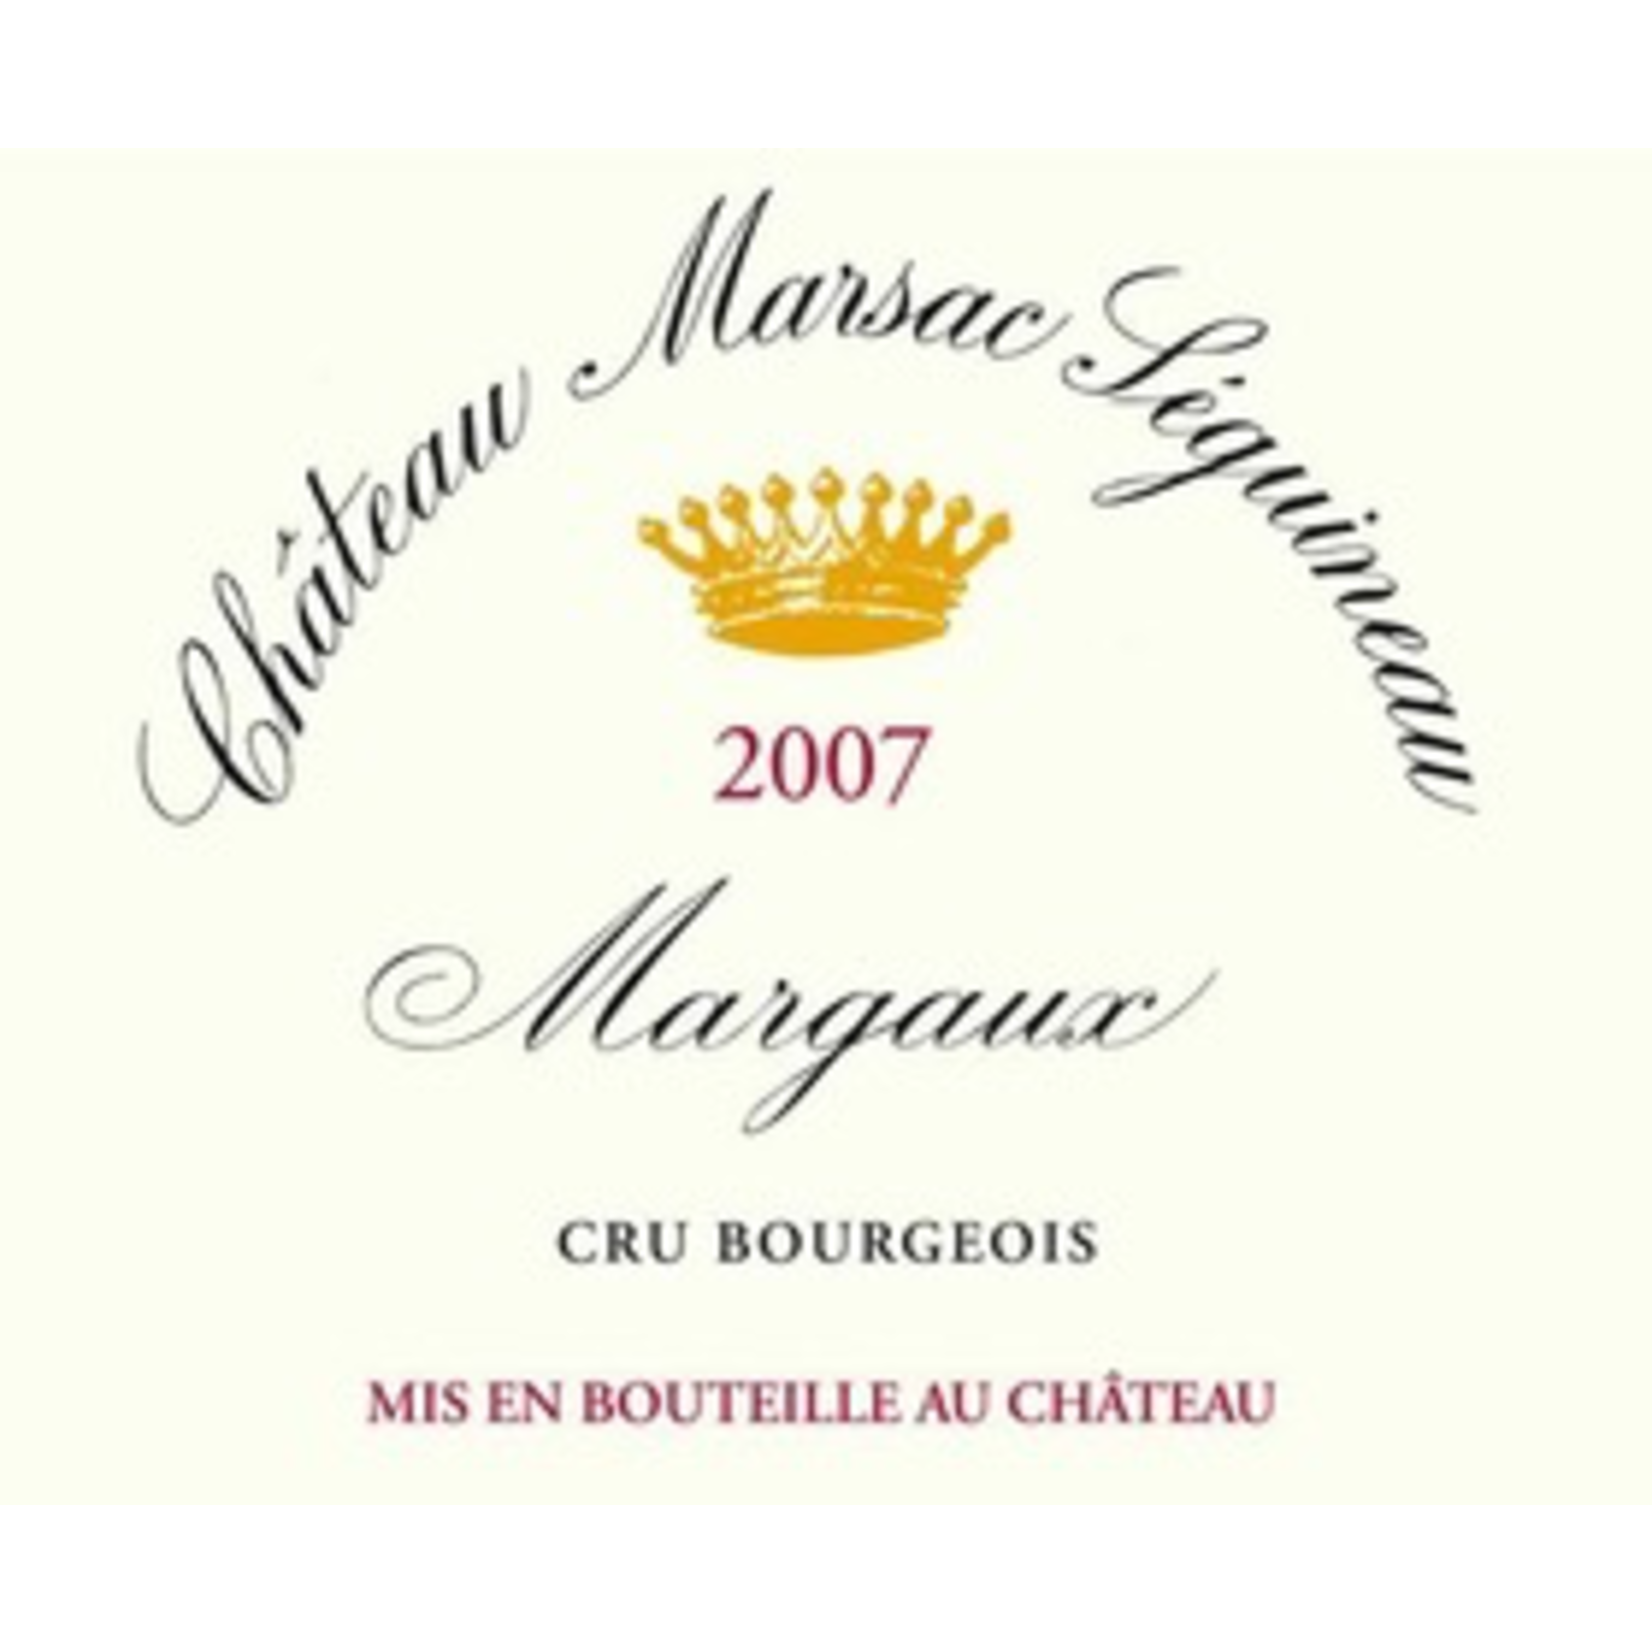 Wine Ch Marsac Seguineau 2018